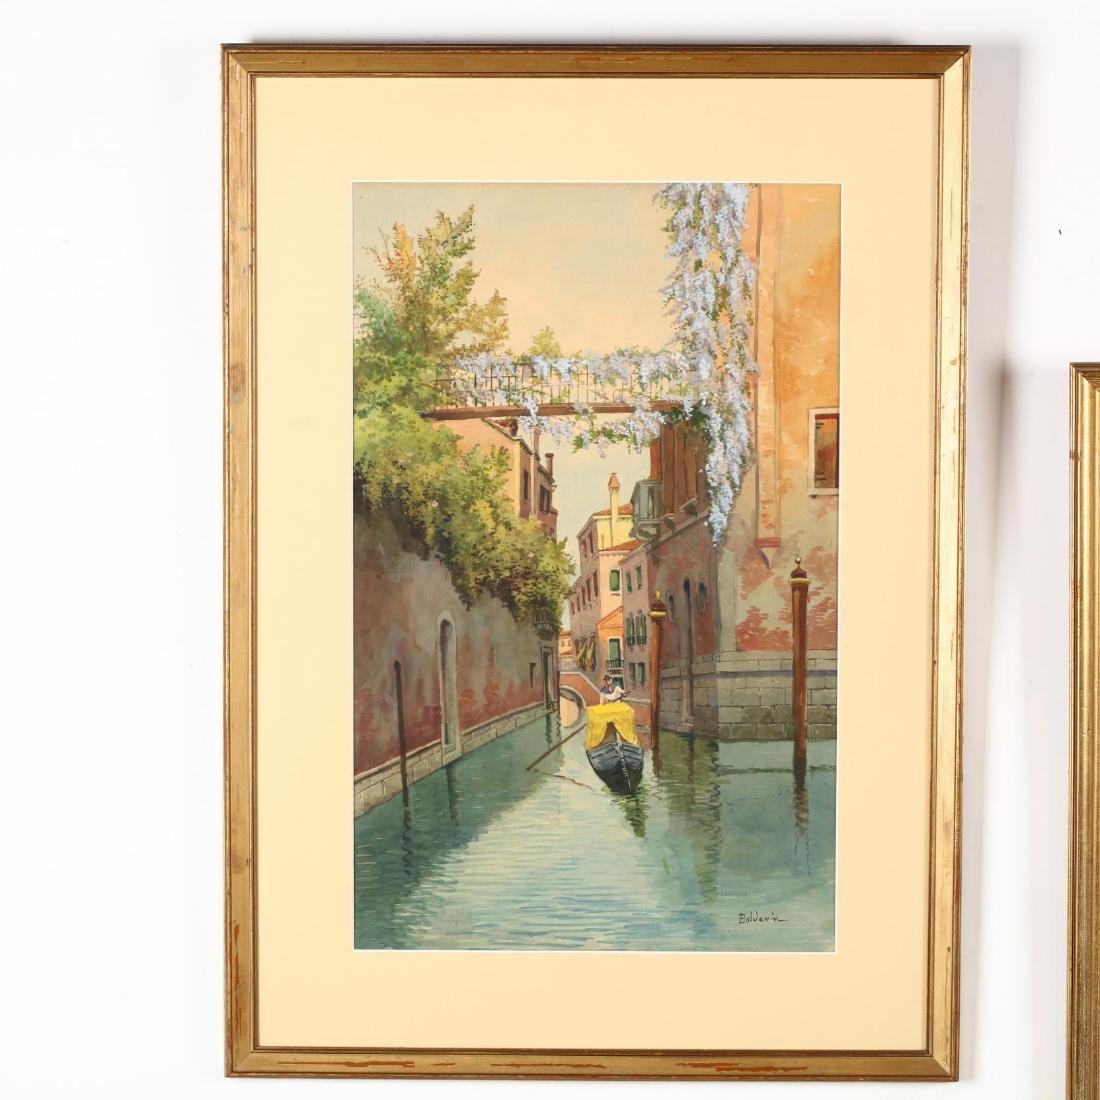 A Pair of Vintage Venetian Watercolors - 2